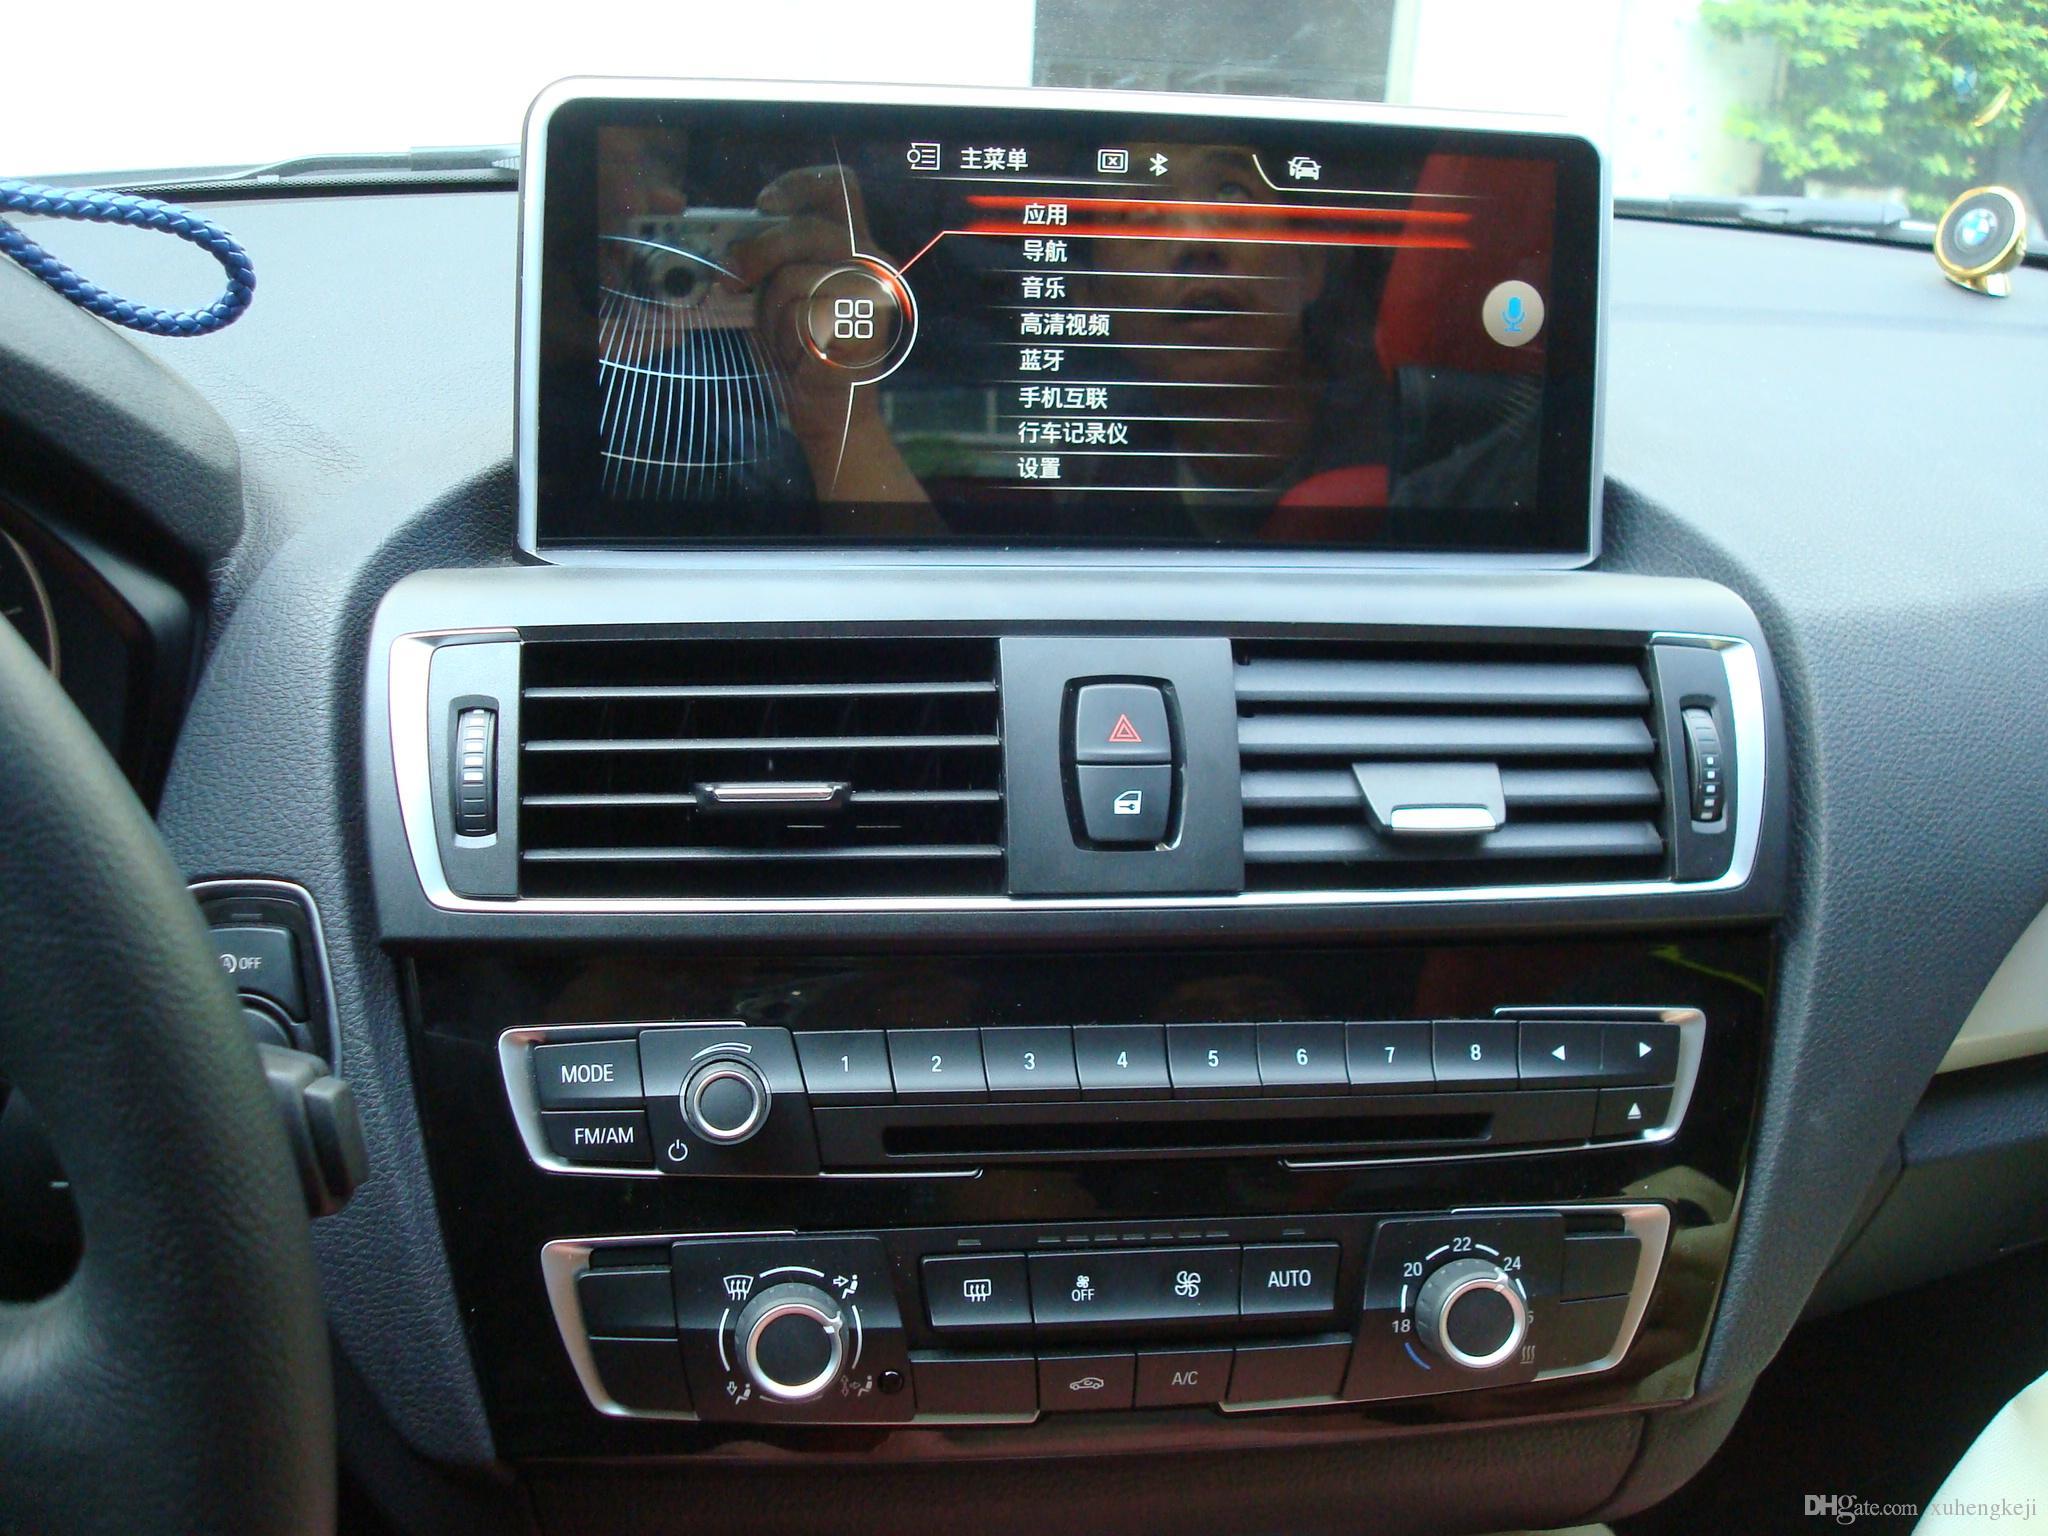 DAB + 10,25 Zoll Android 4.44 Auto-DVD Gps für BMW 1 Reihe F20 F21 2011 2012 2013 -2016 HD1028 * 480, iDrive verließ rechte Hand